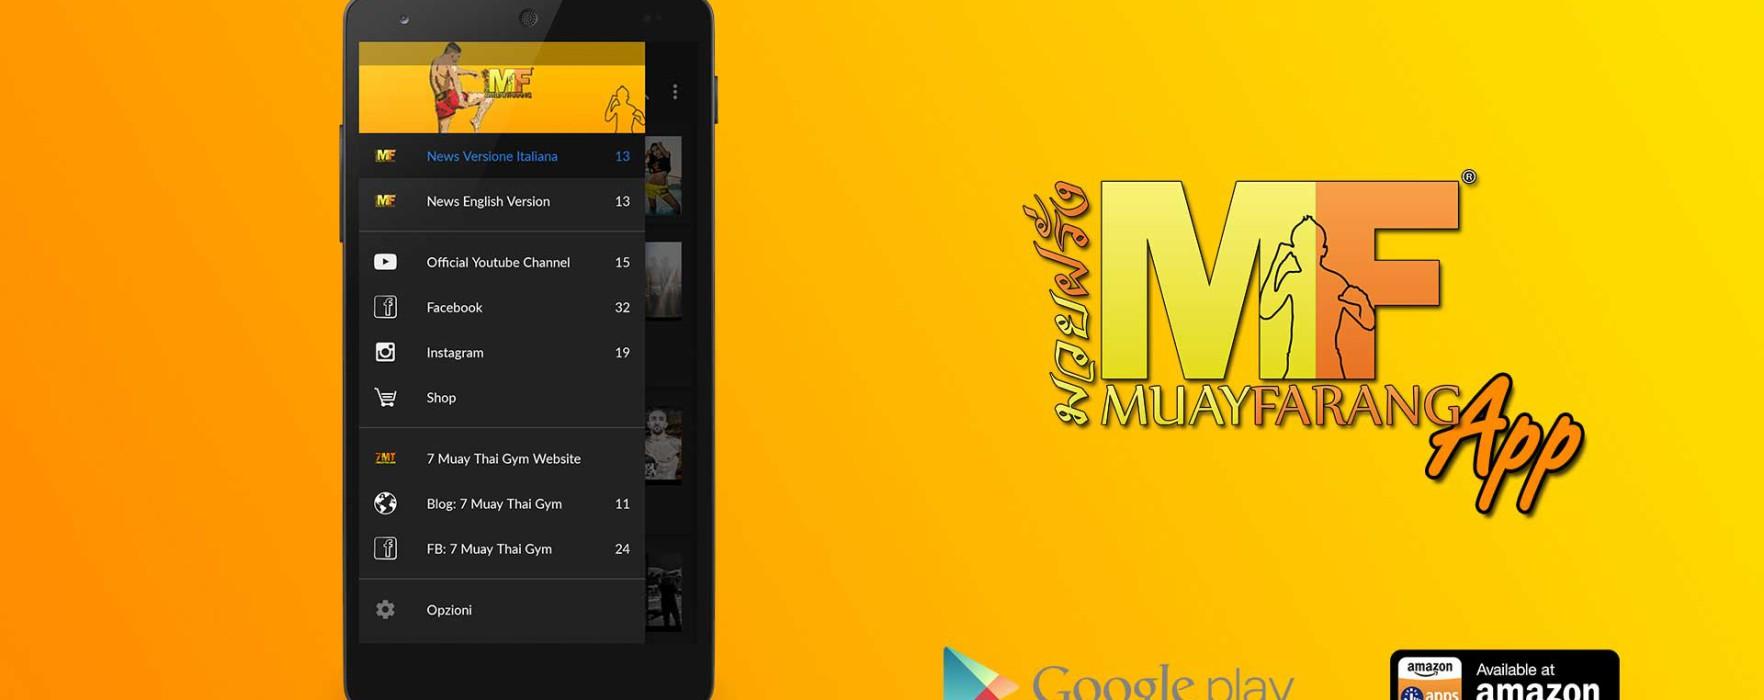 Muay Farang App (Gratis)